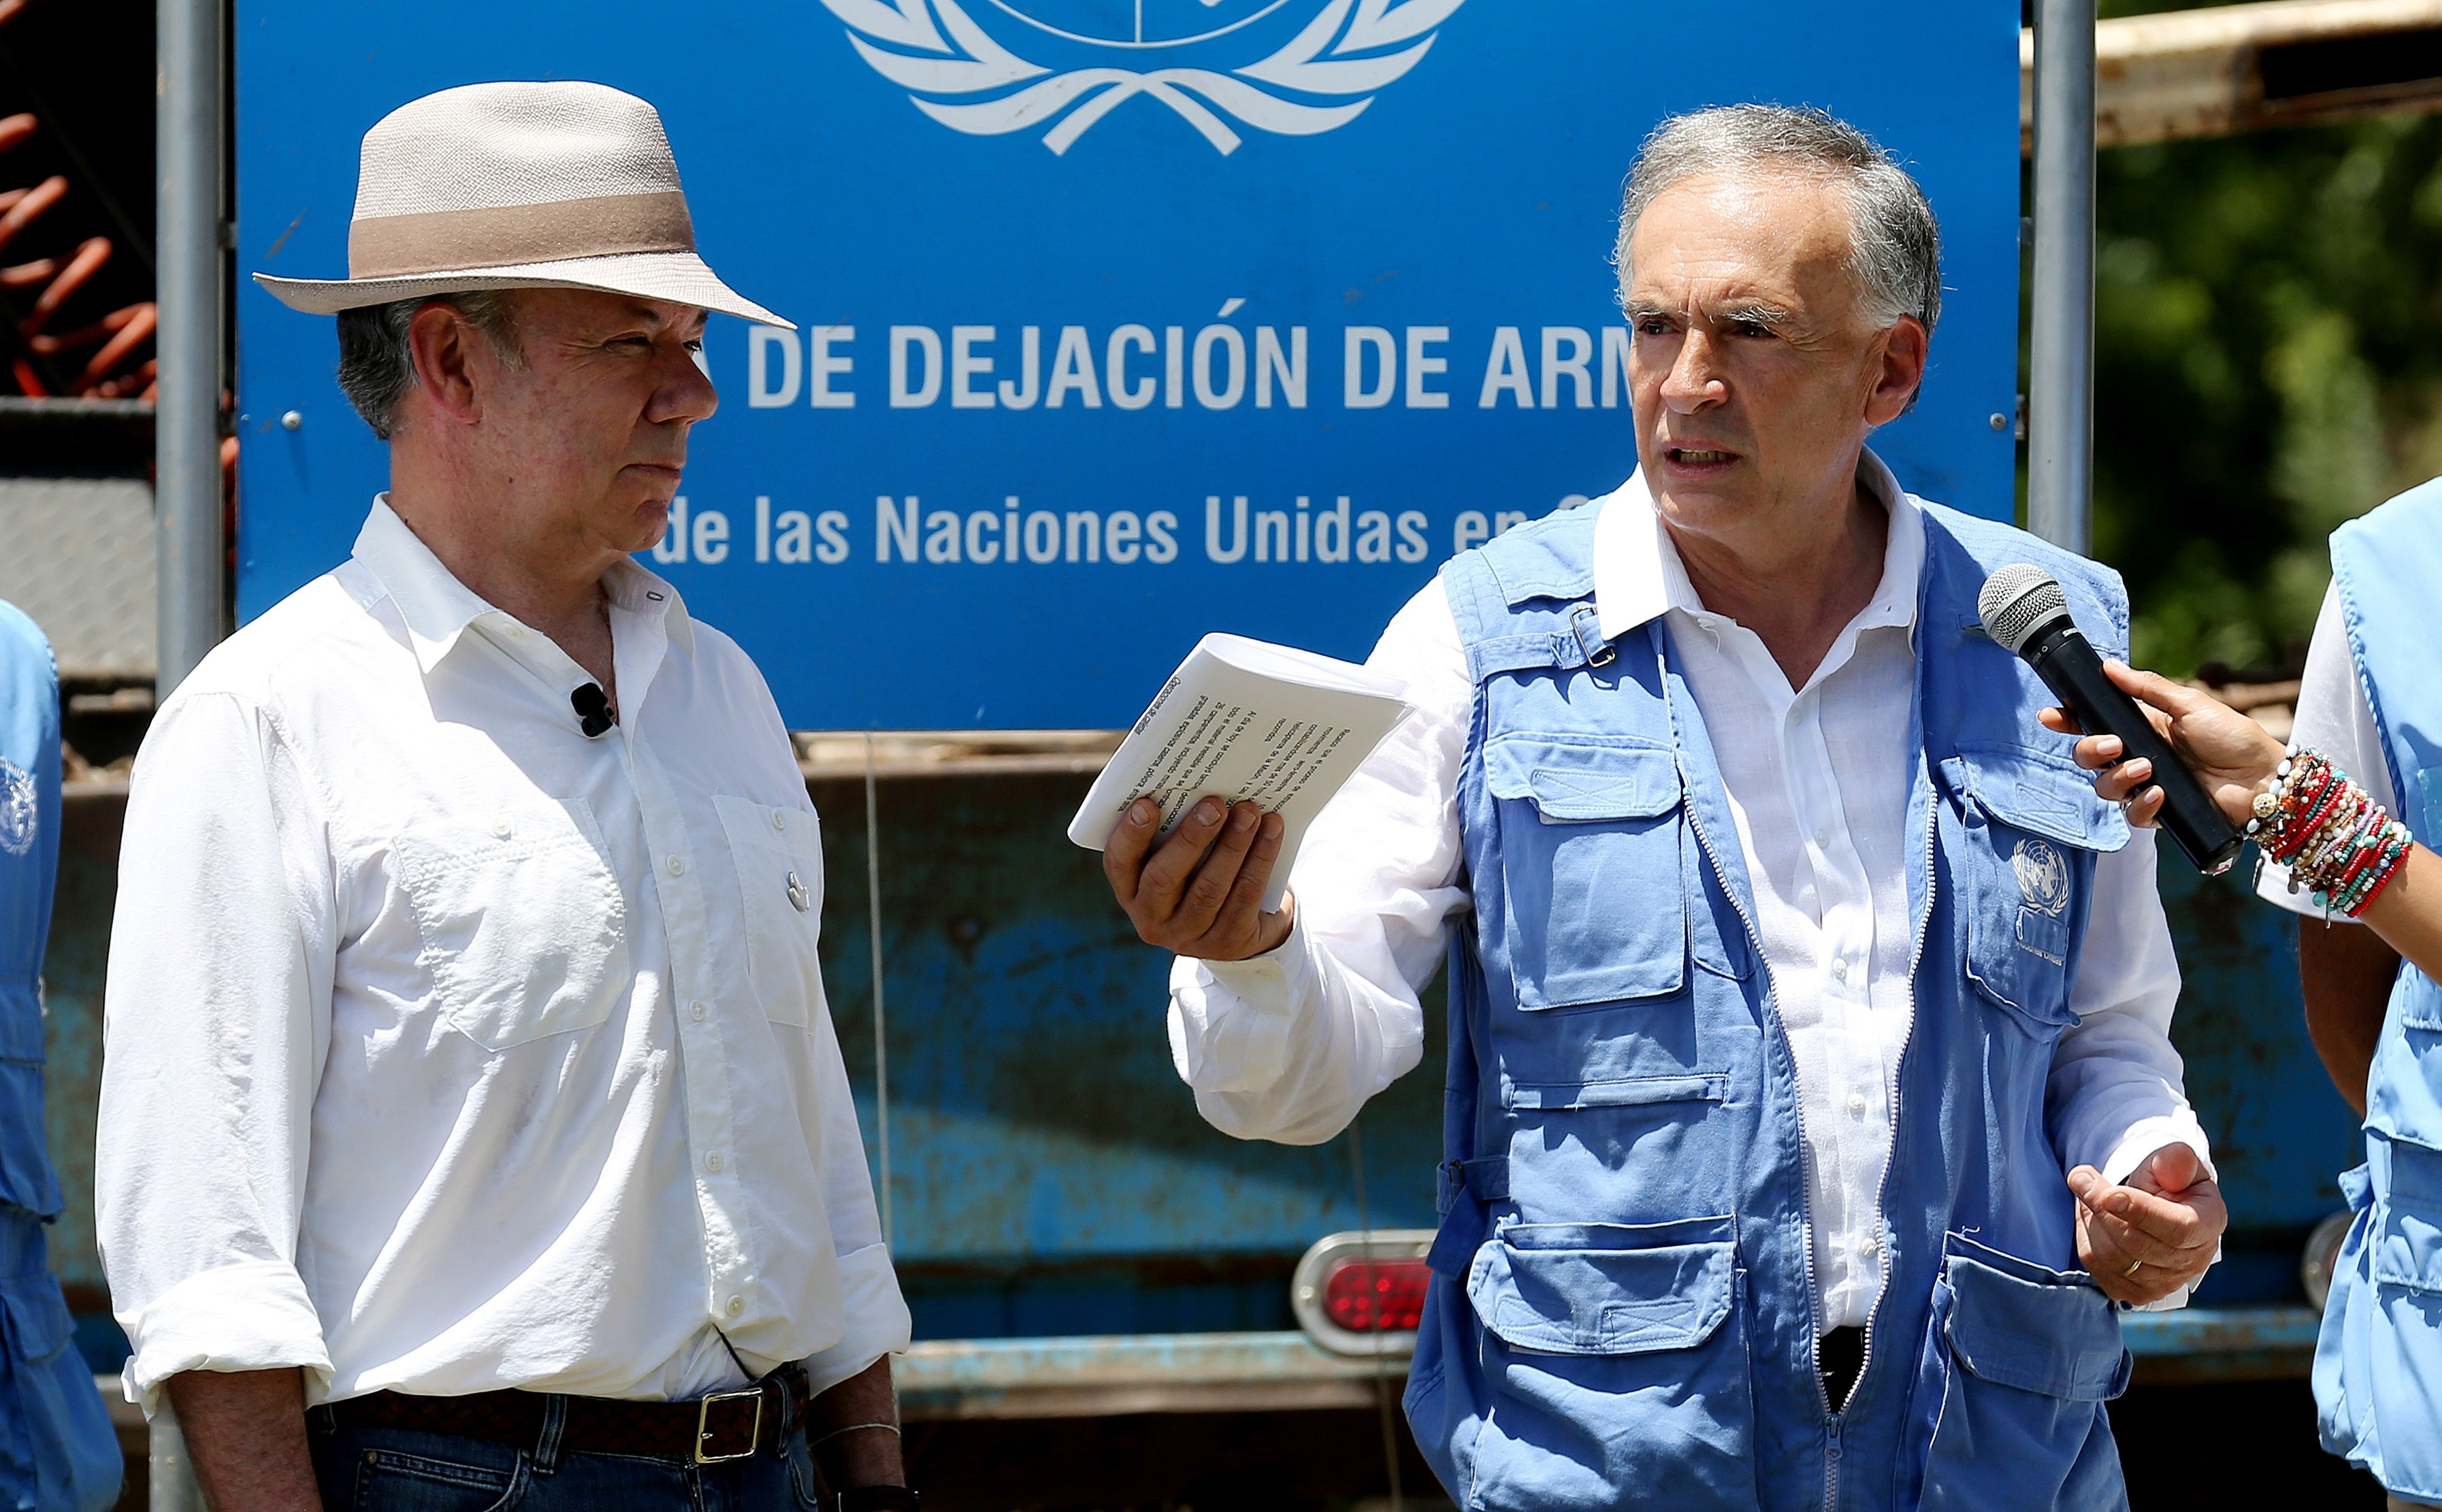 Mundo: Colômbia oficializa fim de conflito com as Farc